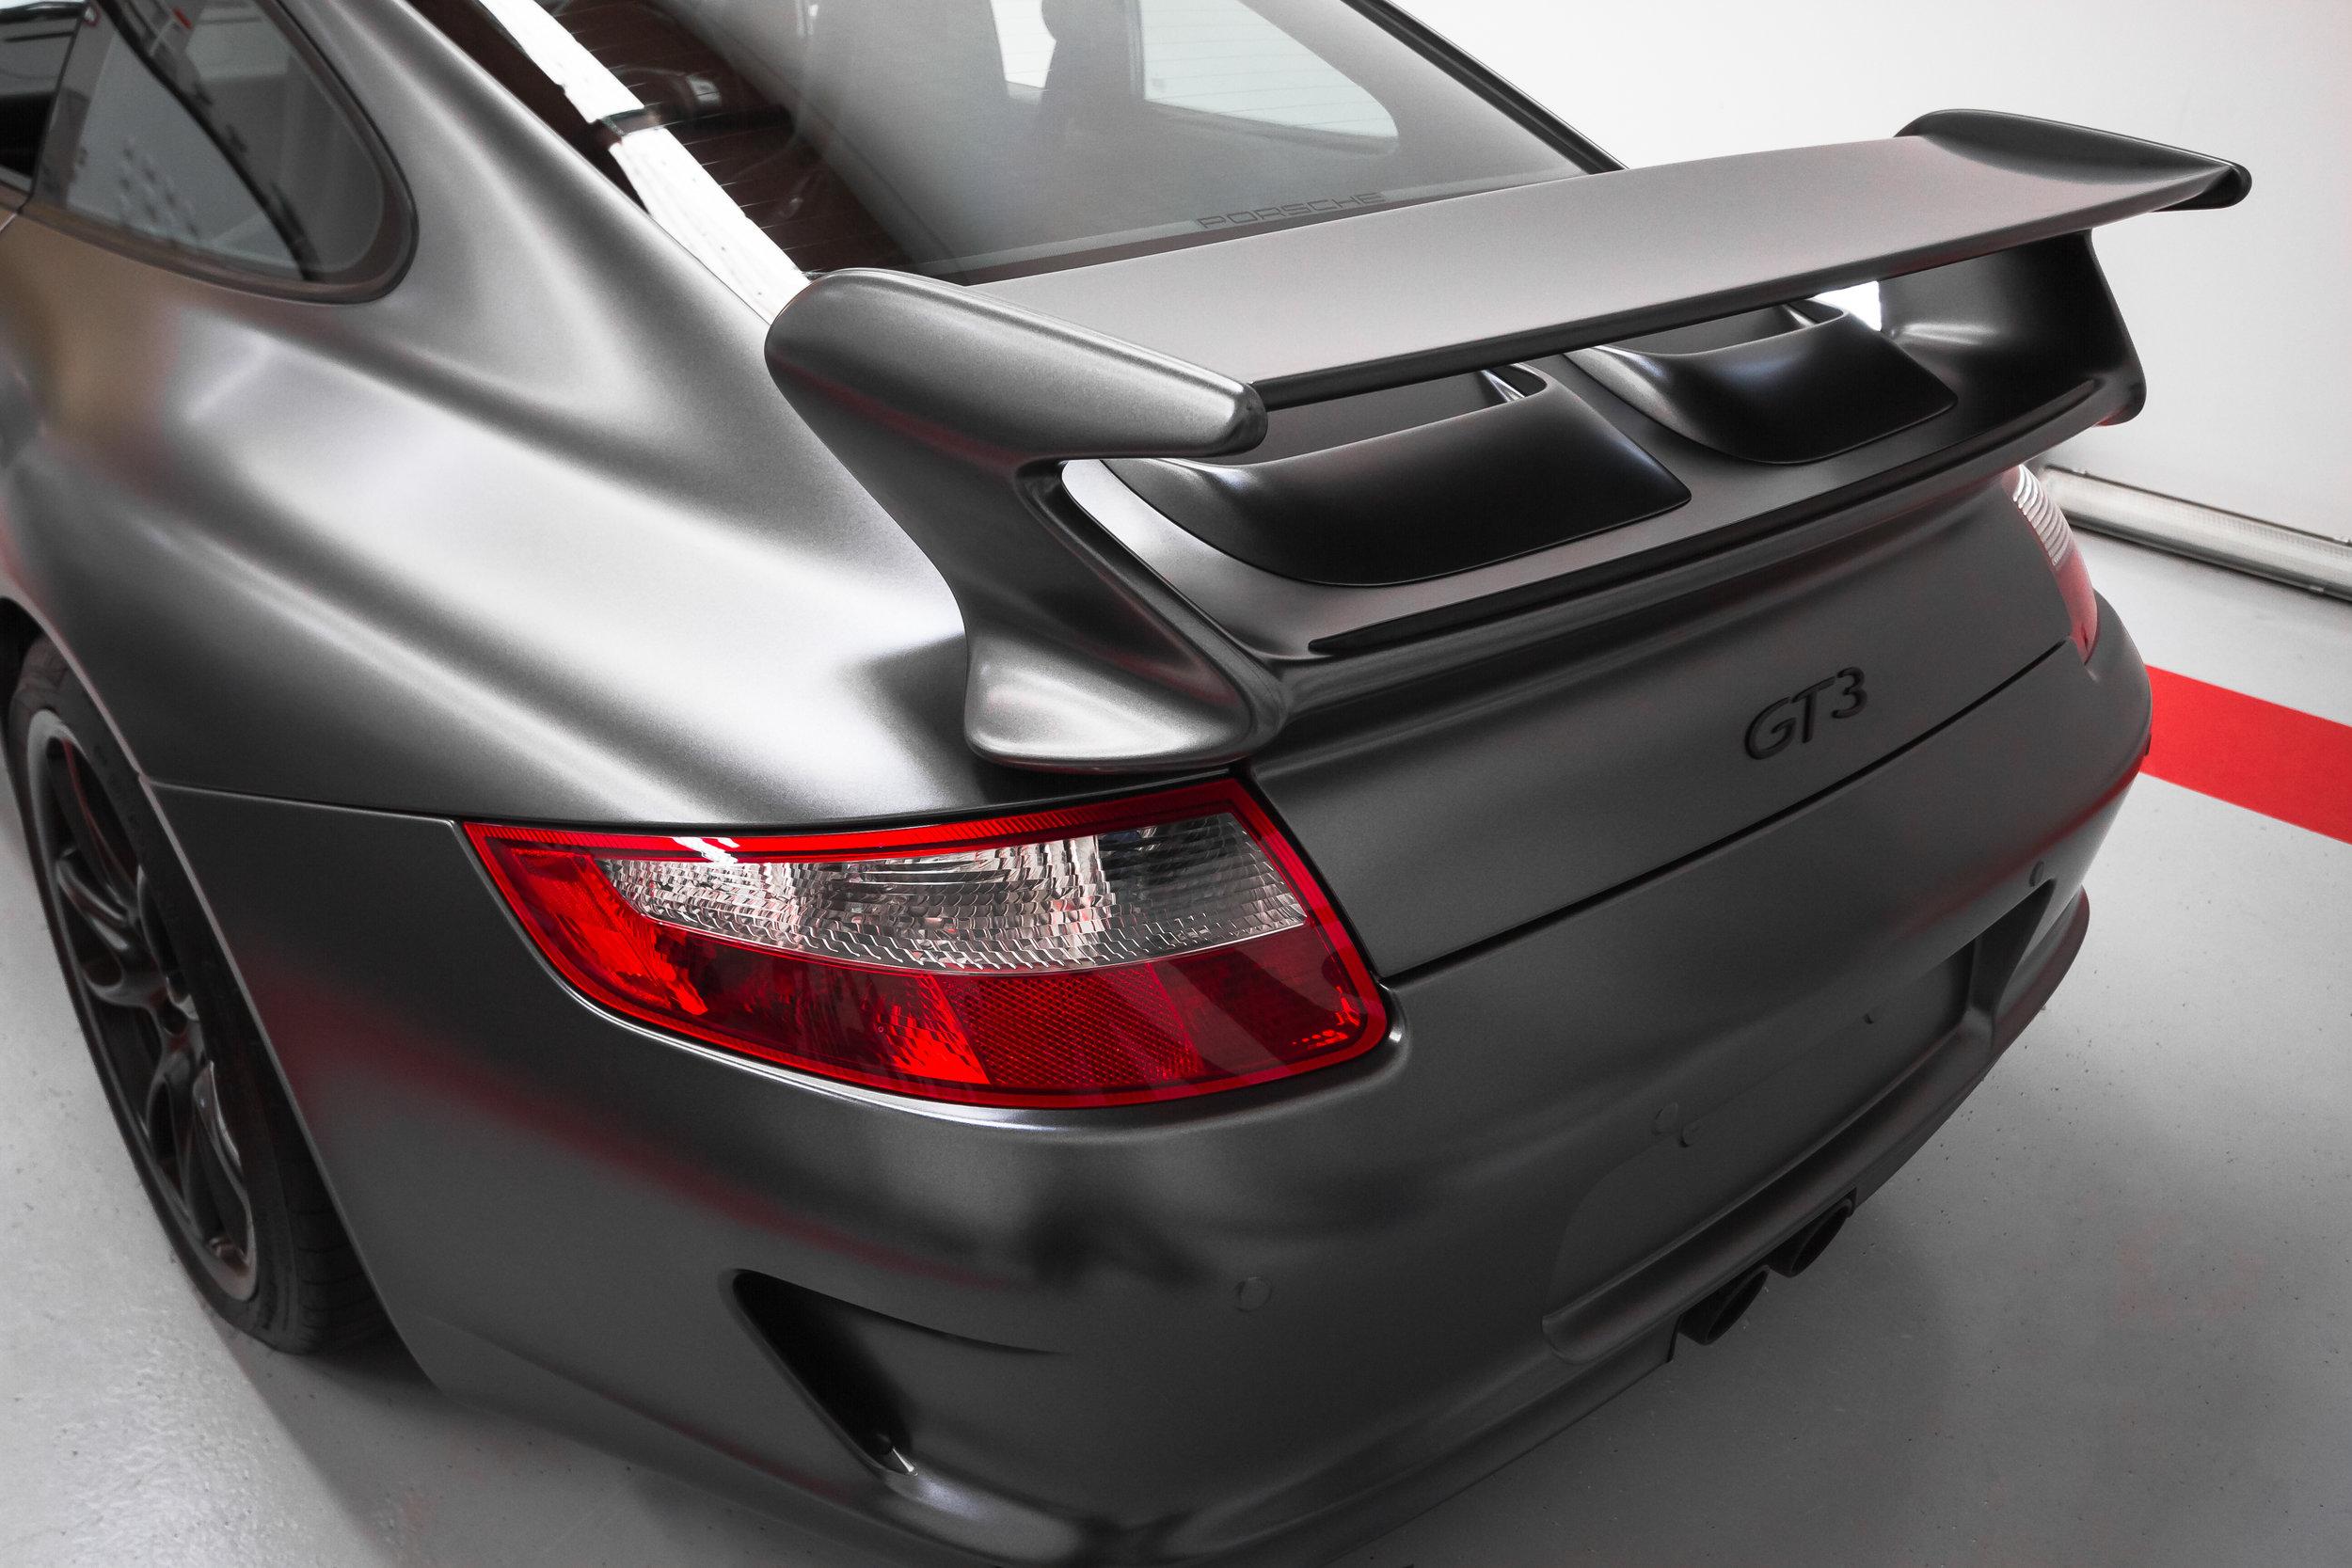 Porsche GT3 Wing rear spolier